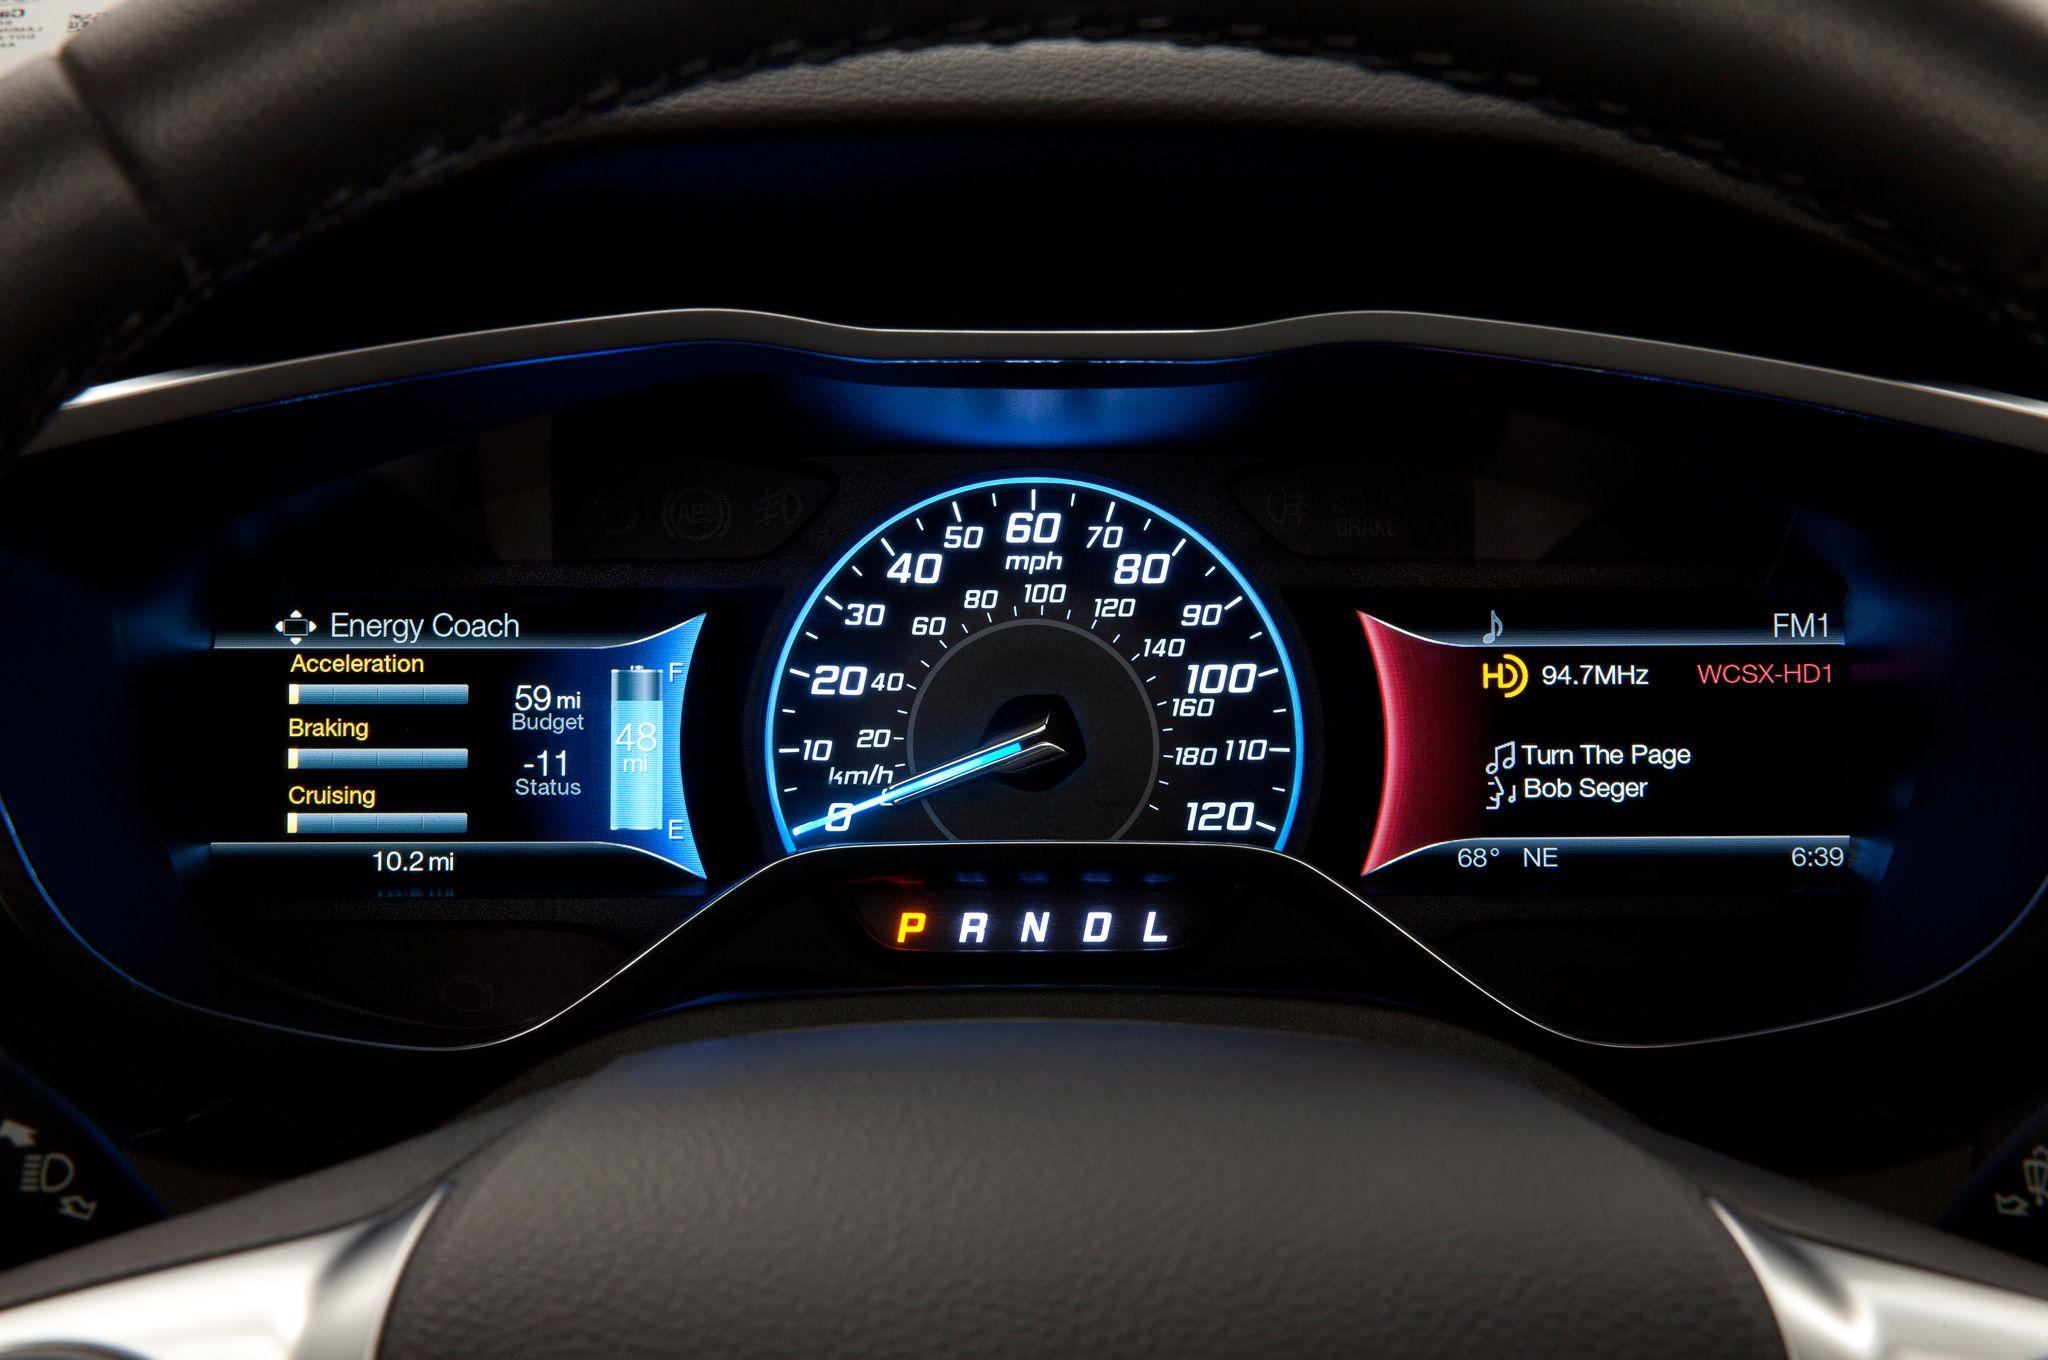 2015 ford focus st - Ford Focus 2014 Sedan Interior